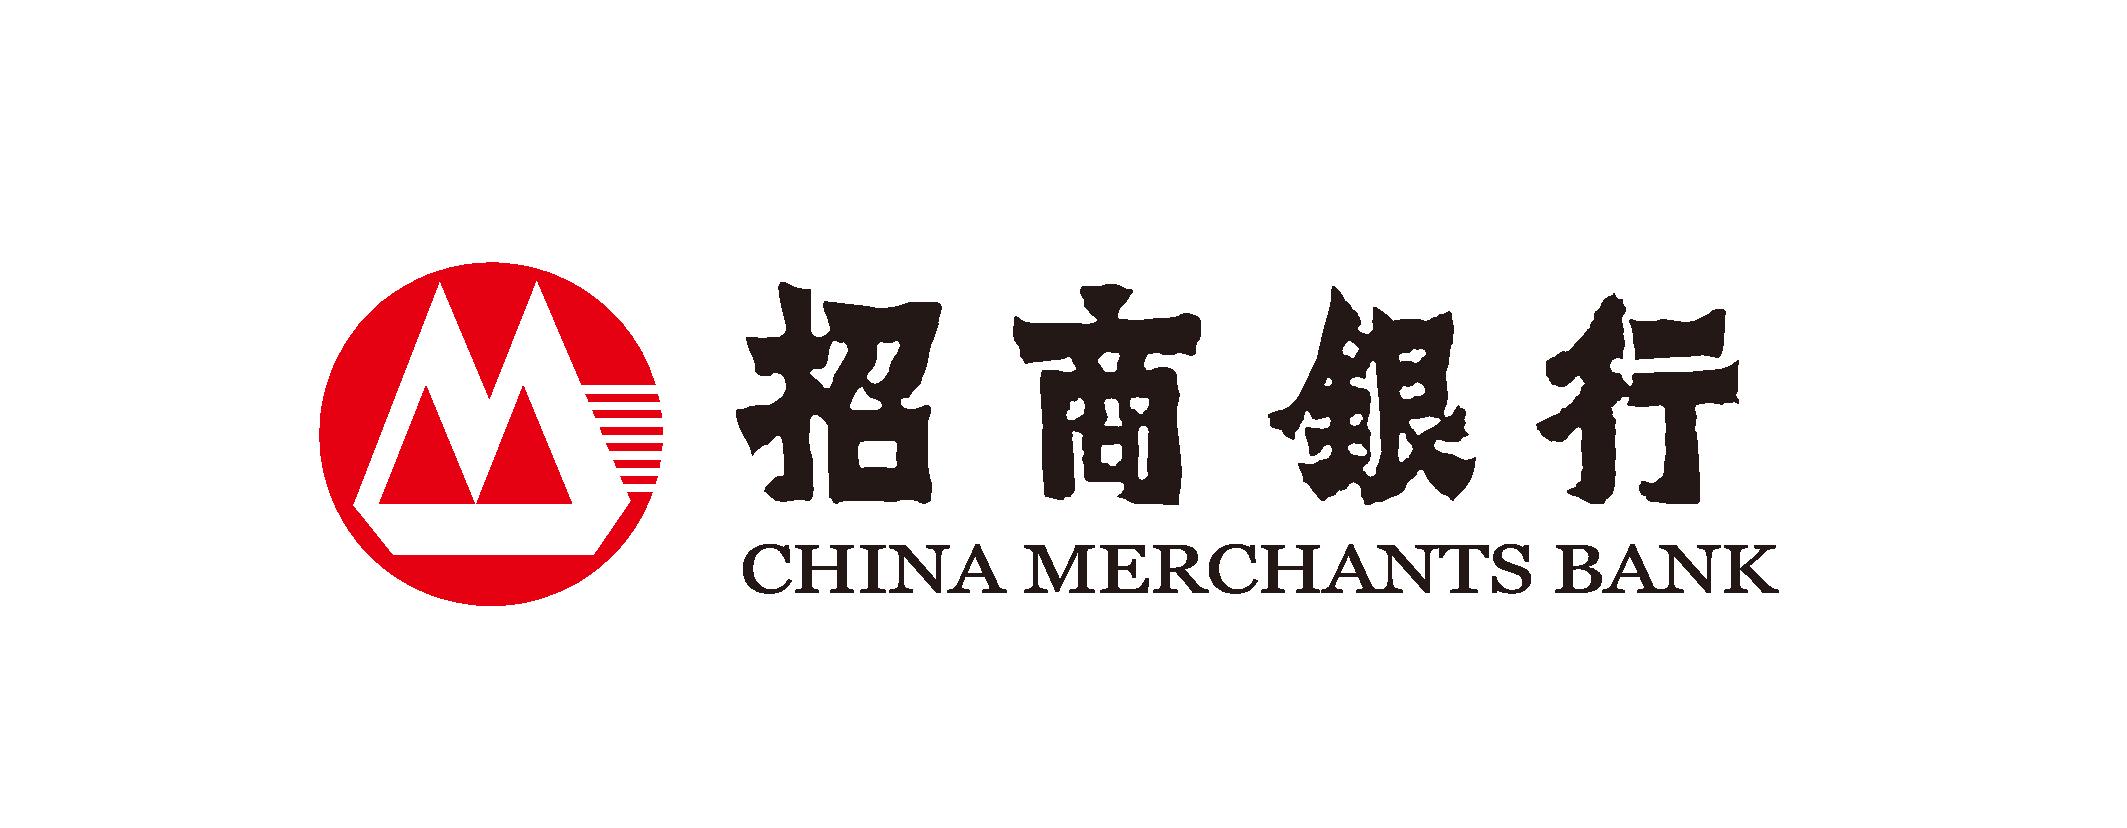 11招商银行